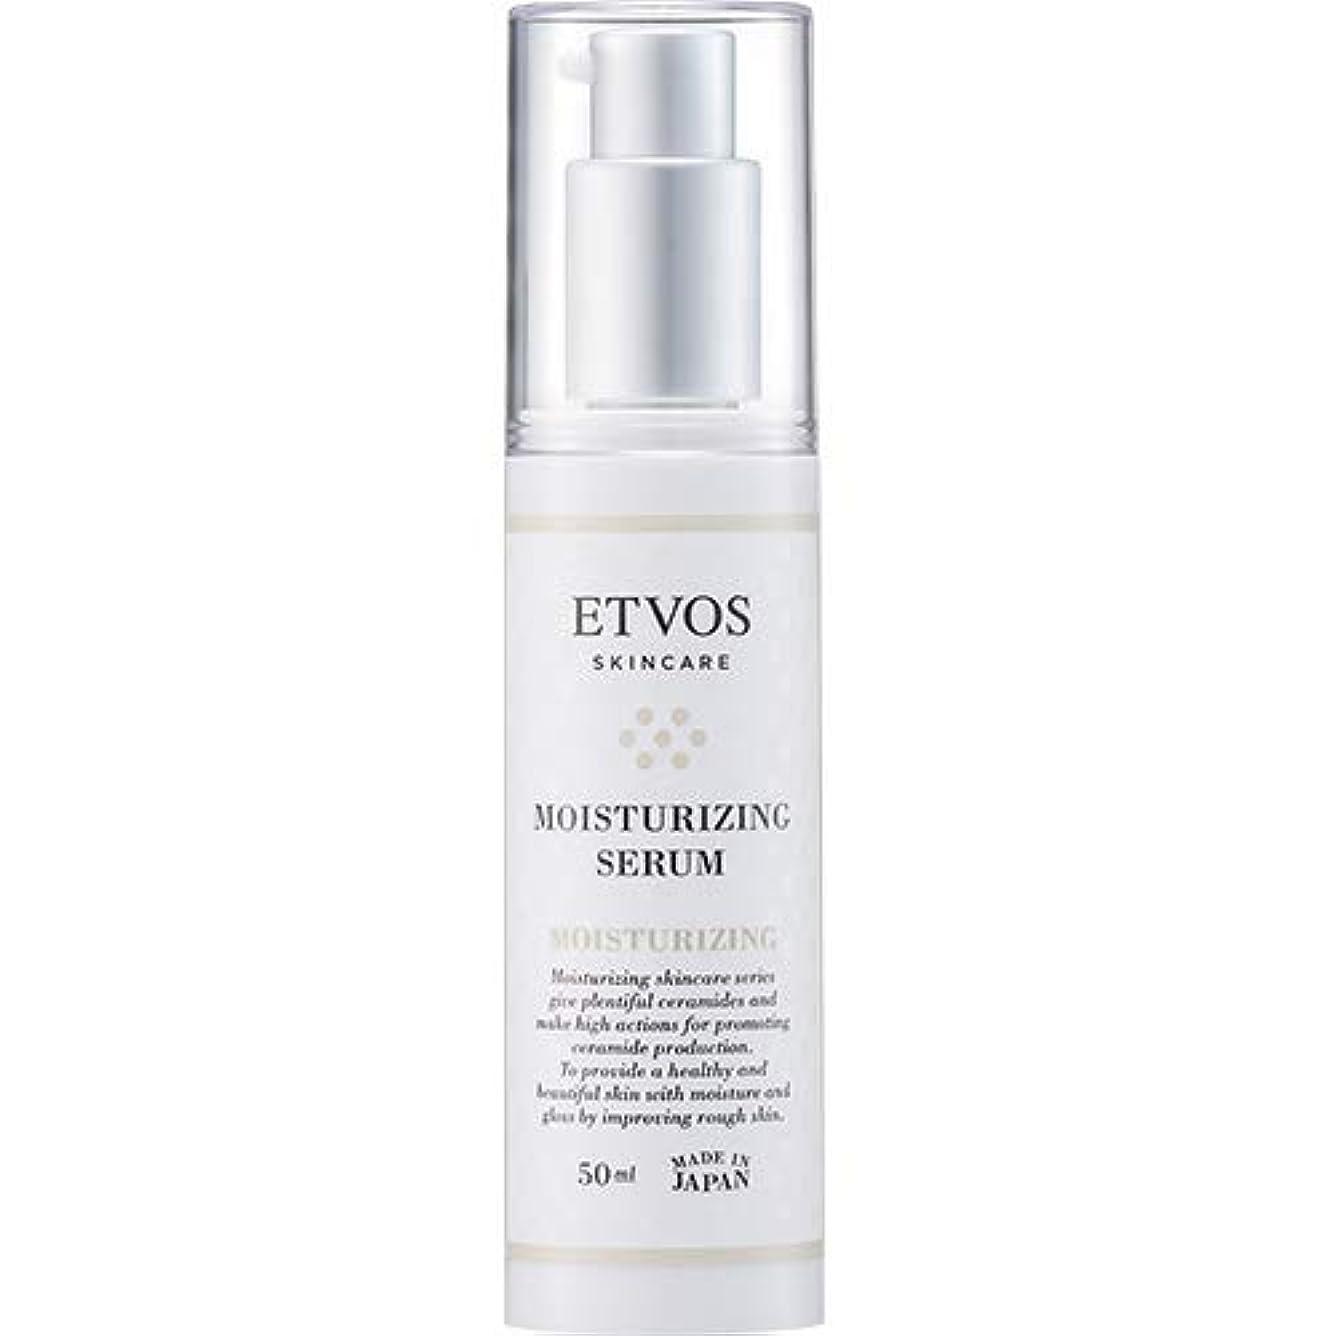 小さなシャー信者ETVOS(エトヴォス) 保湿美容液 モイスチャライジングセラム 50ml ヒト型セラミド配合 乾燥肌/敏感肌 乳液